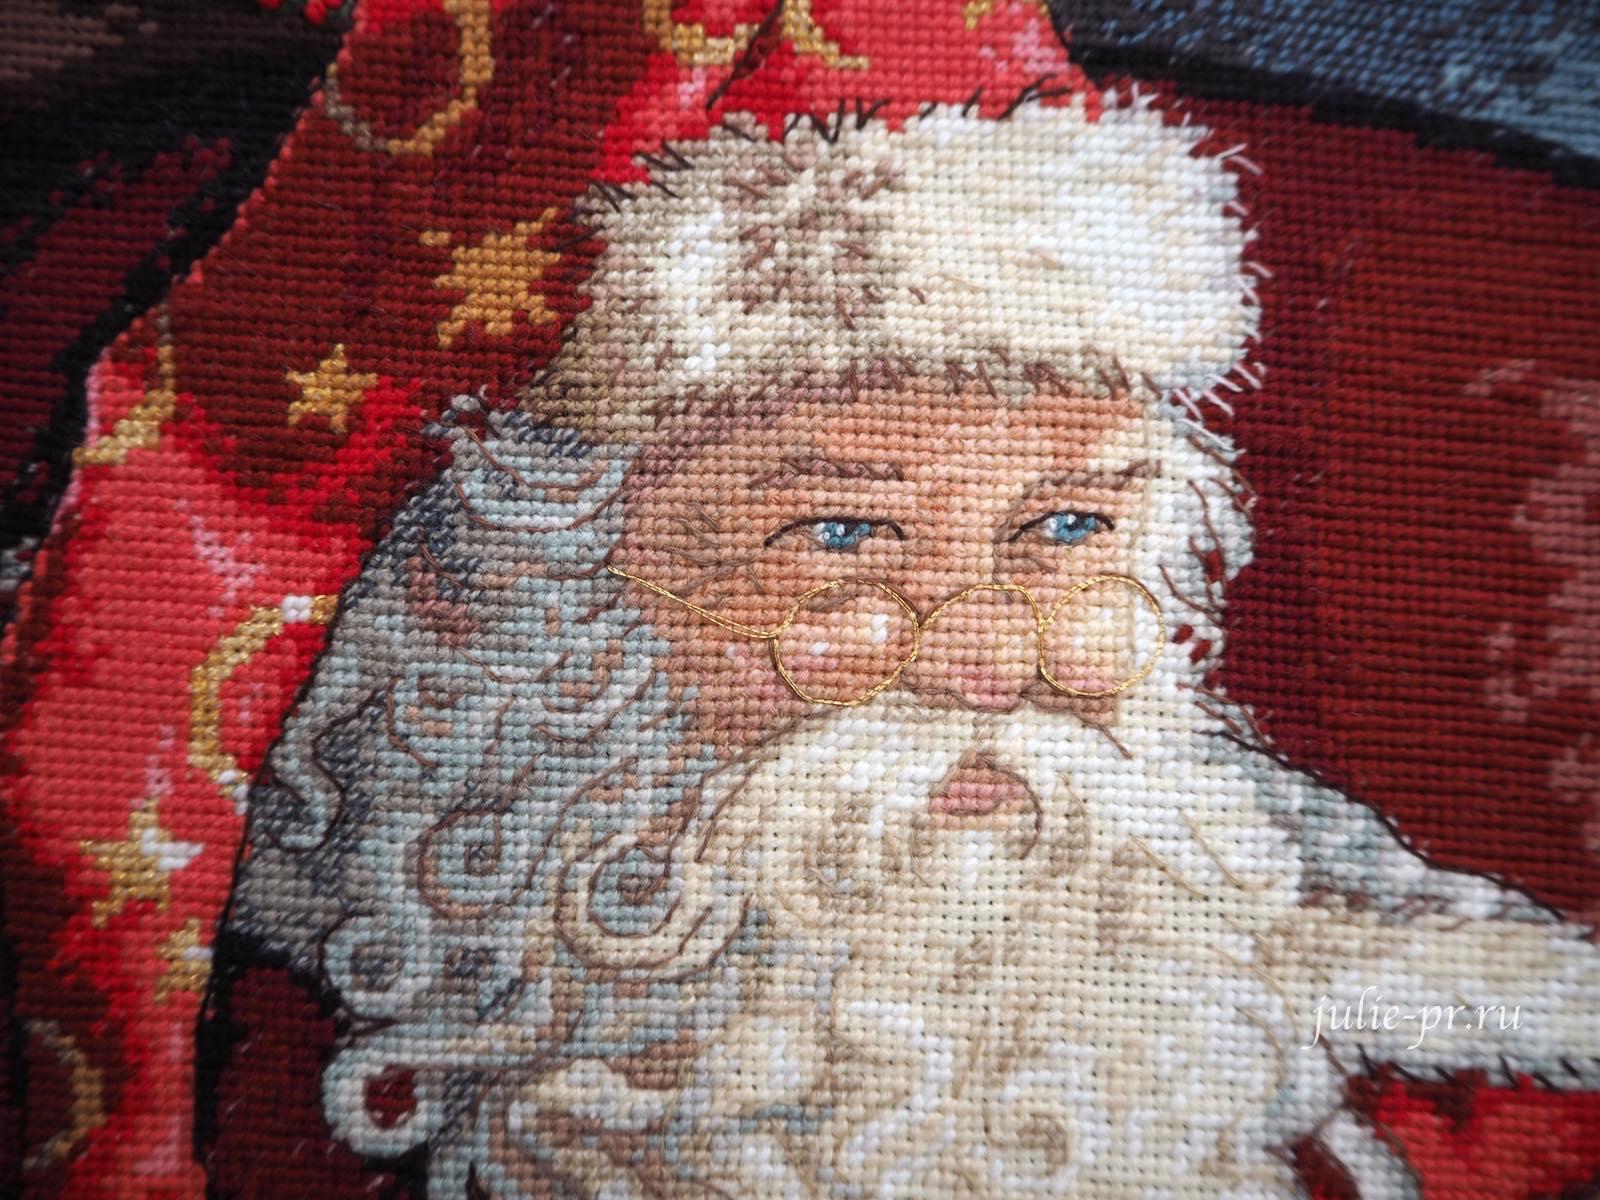 Dimensions 8803, One Christmas Eve, вышивка крестом, в канун рождества, Санта Клаус с глобусом, раритетный набор, в сочельник